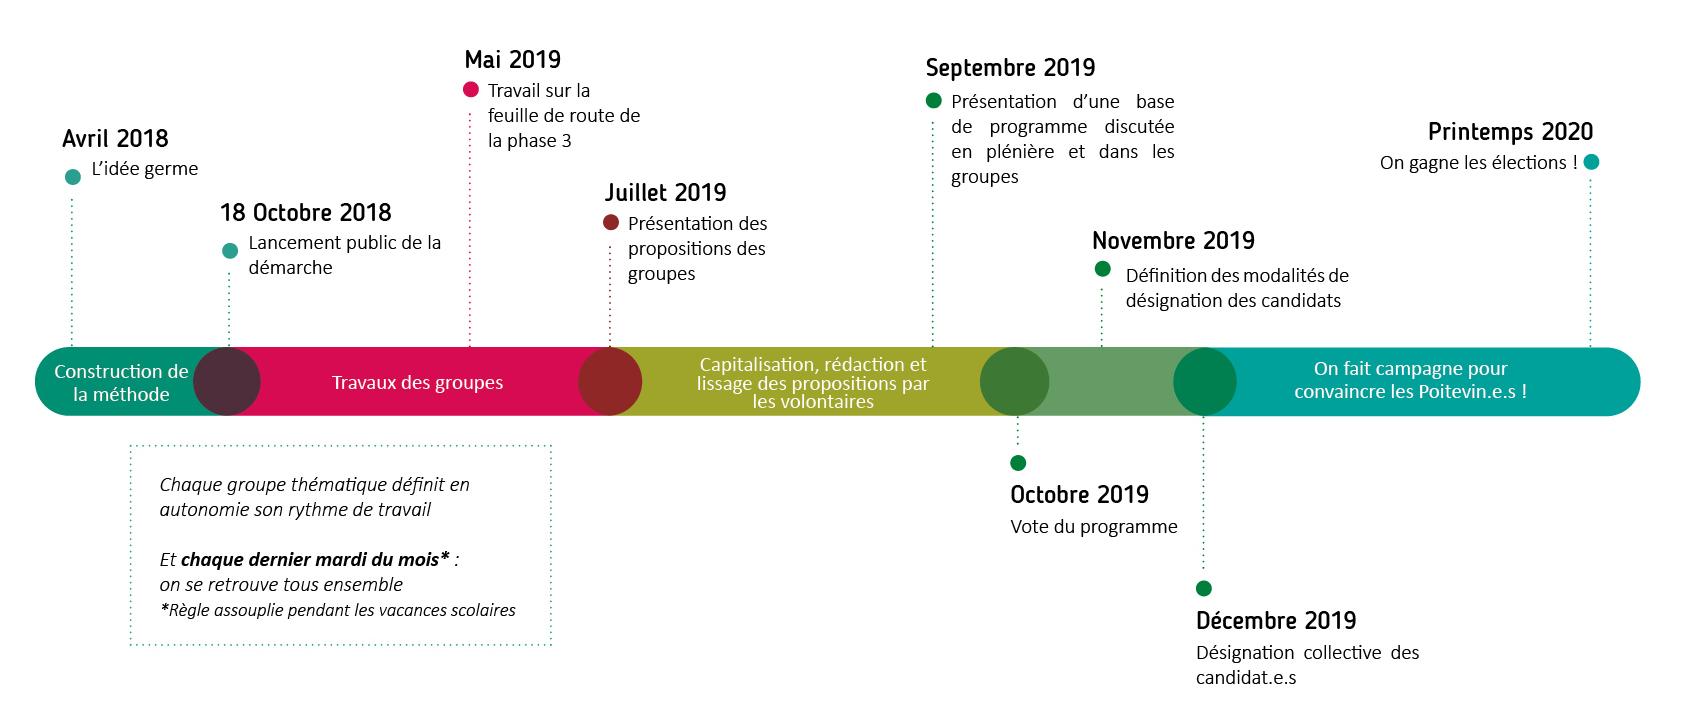 Échéancier du planning Poitiers Collectif